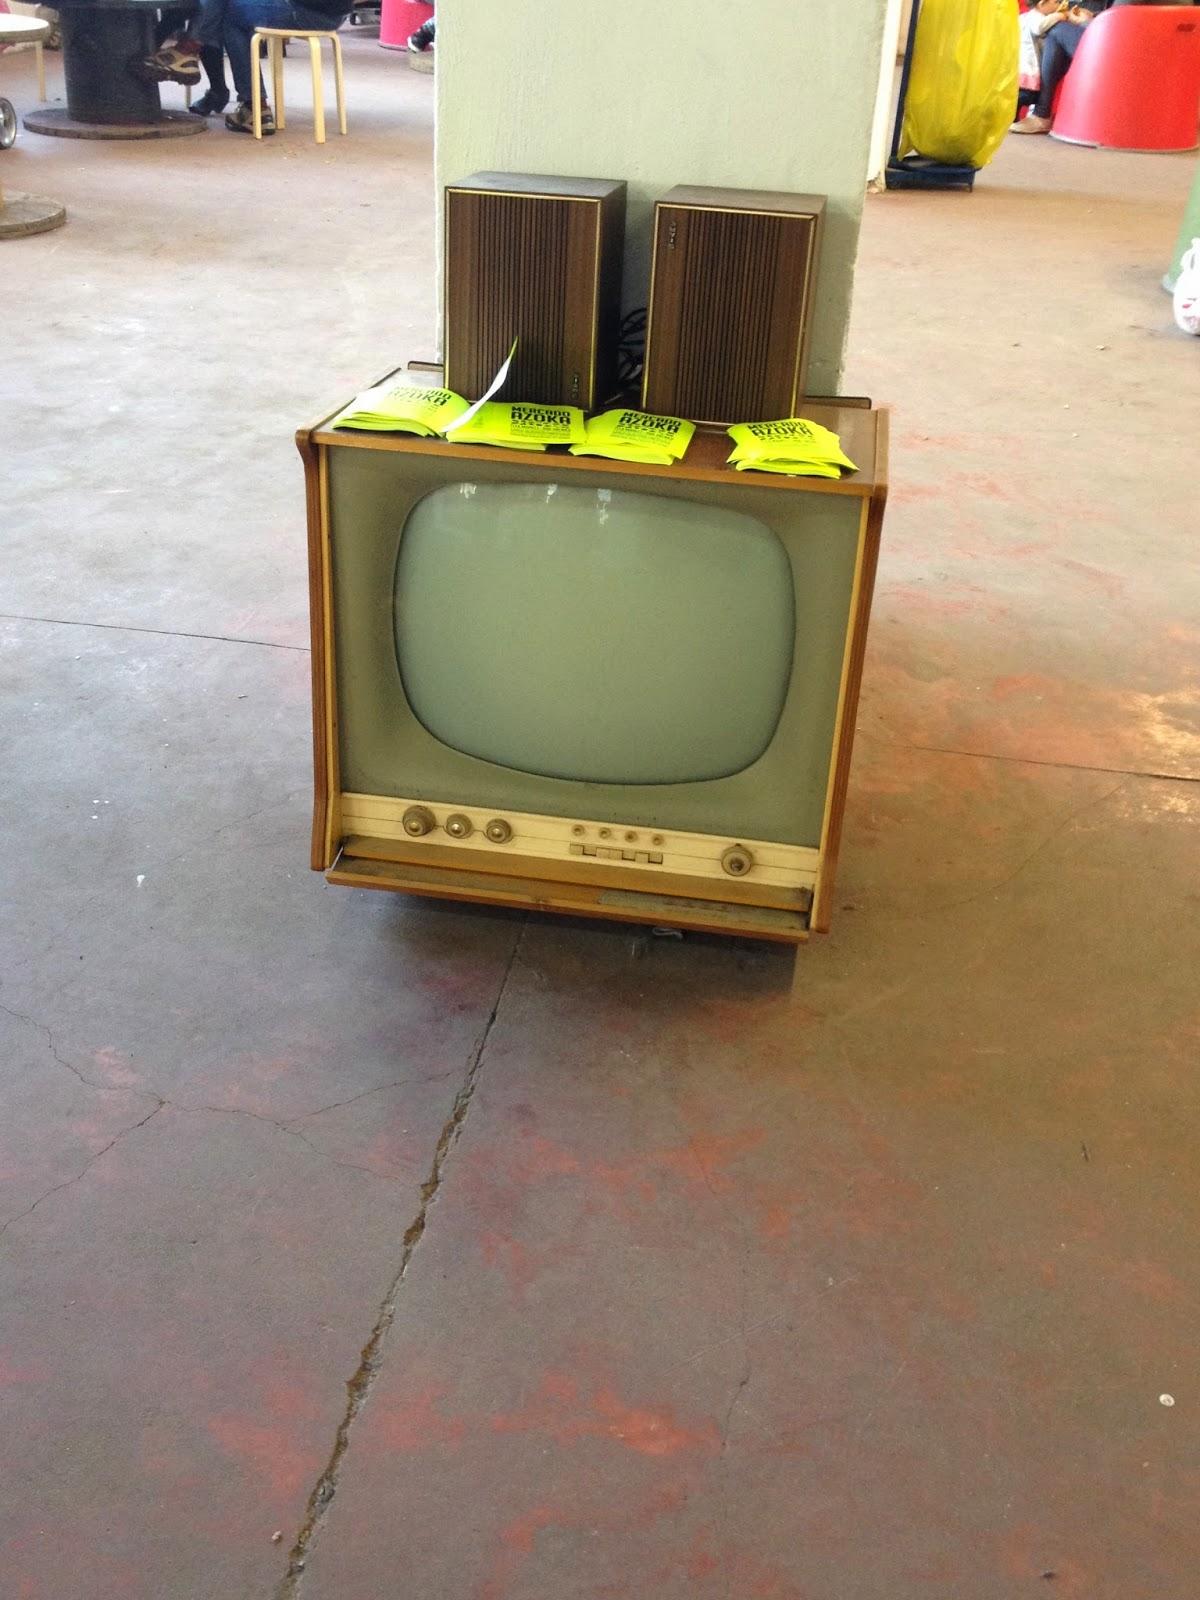 Open your Ganbara detalles televisión